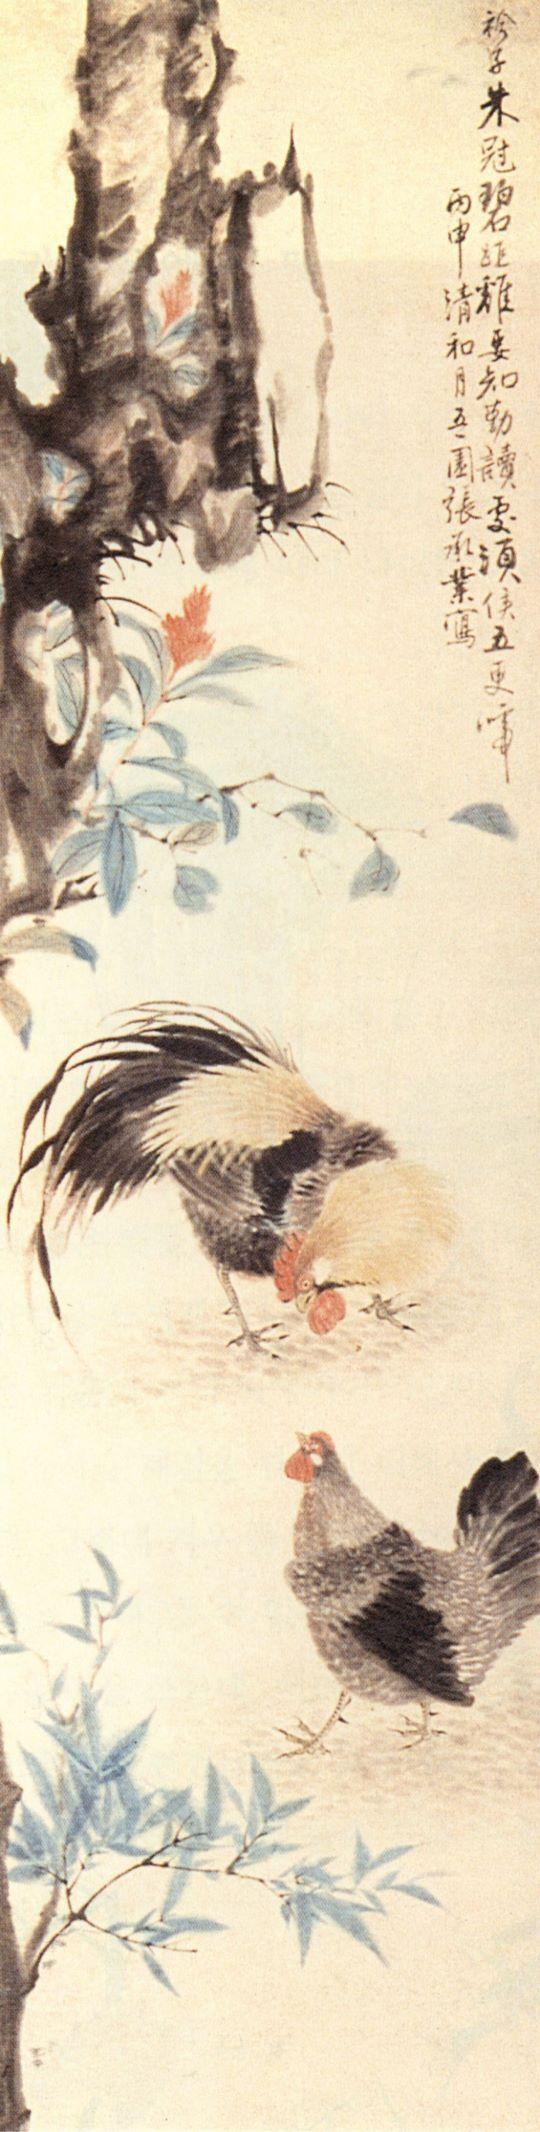 오원 장승업 (1843-1897), 암탉과 수탉, 1896년 작, 종이에 채색.